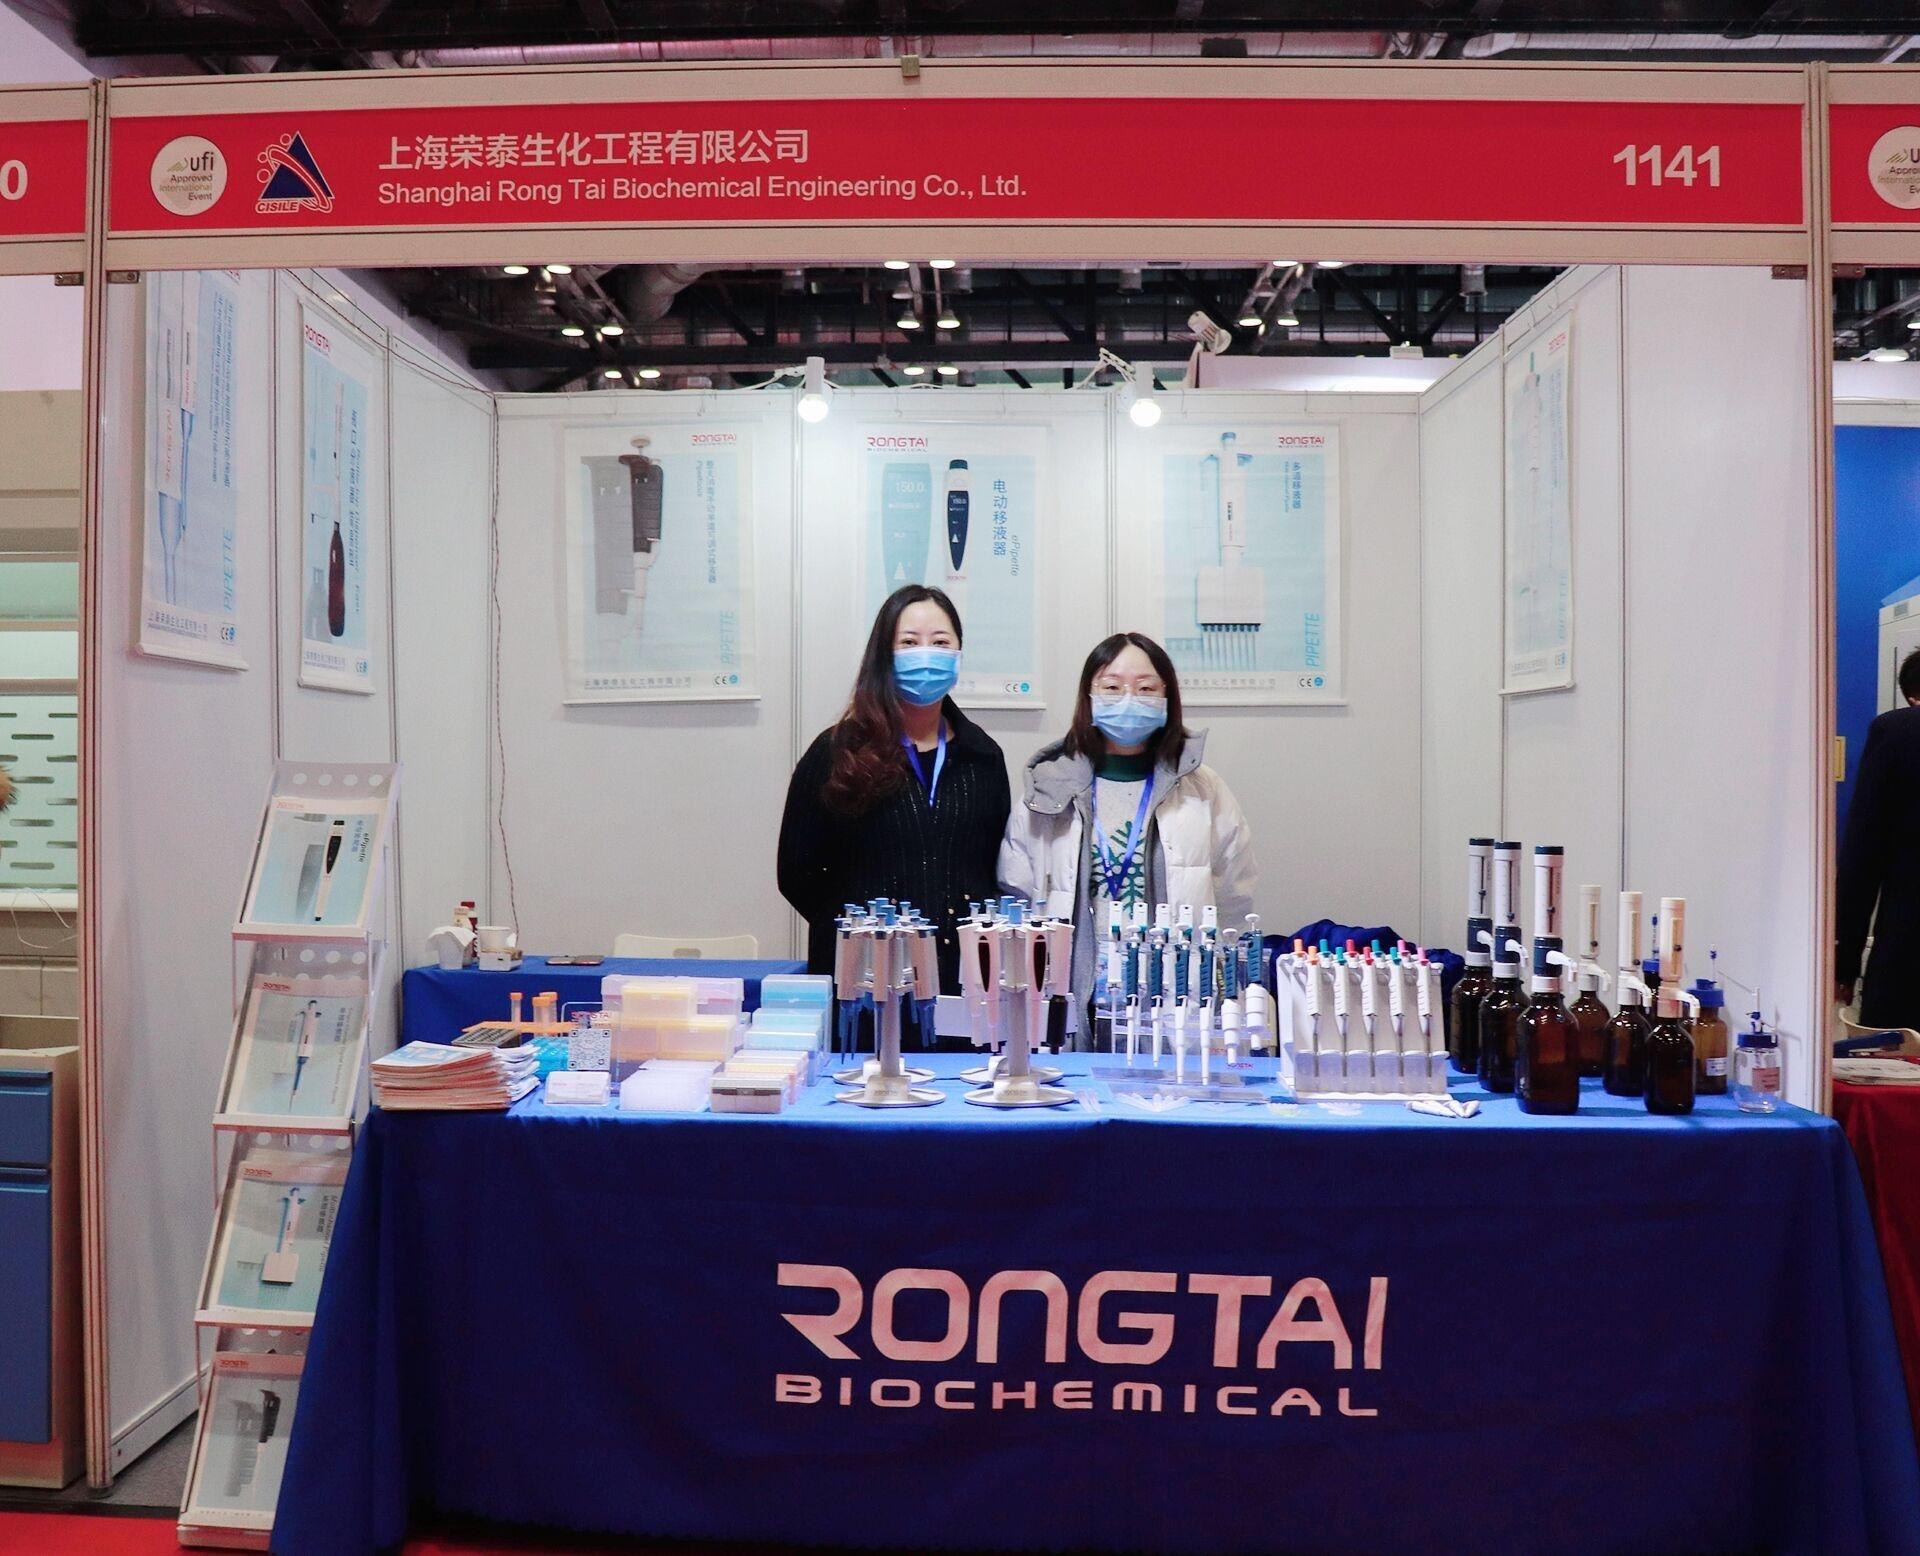 专业精深 上海荣泰携多款移液器出席CISILE2020 为展会添彩